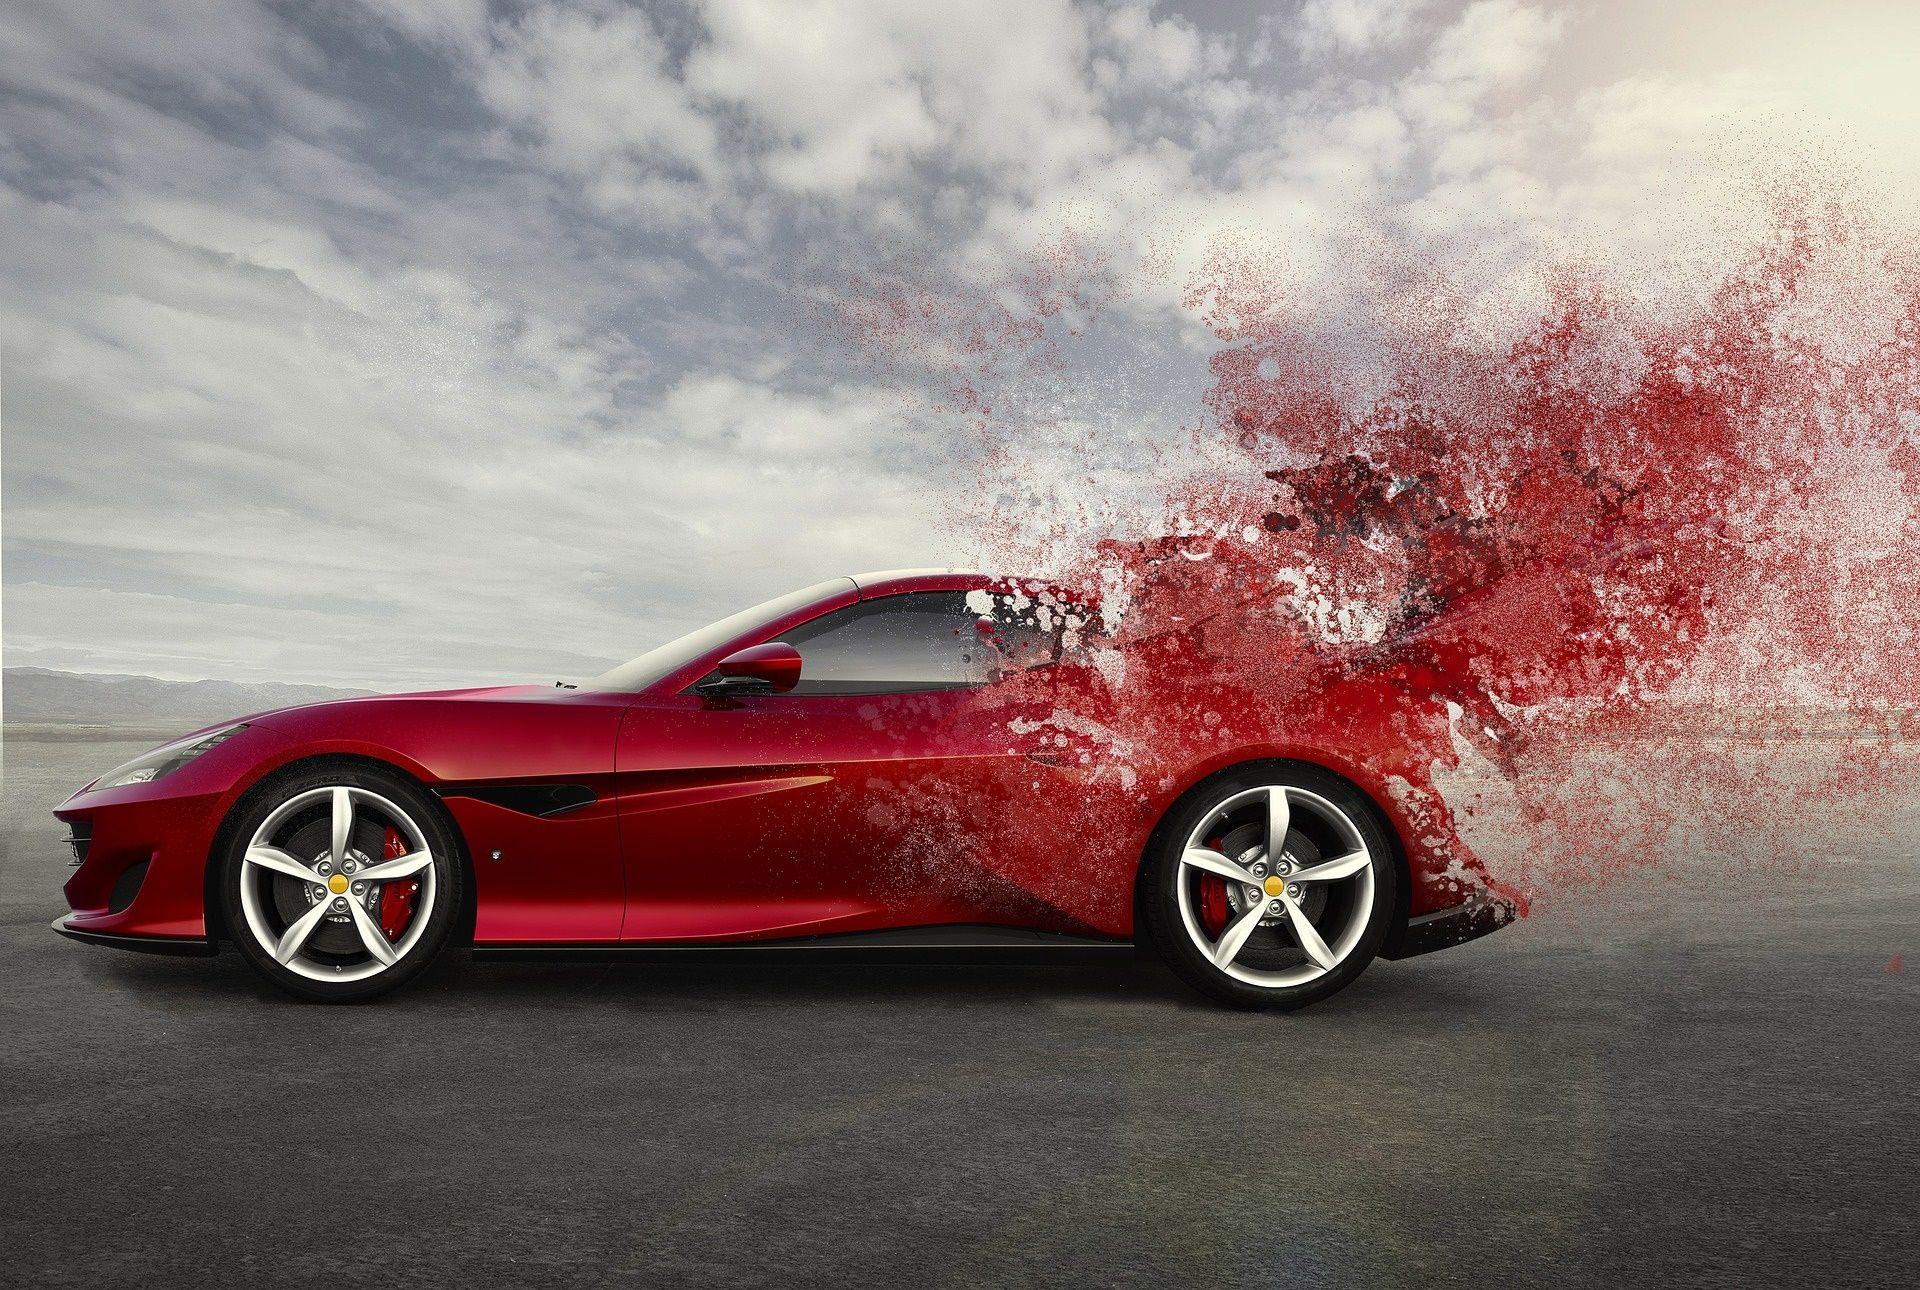 صور سيارات صور Lamborghini Gallardo Voitures De Luxe Gadgets Pour Voiture